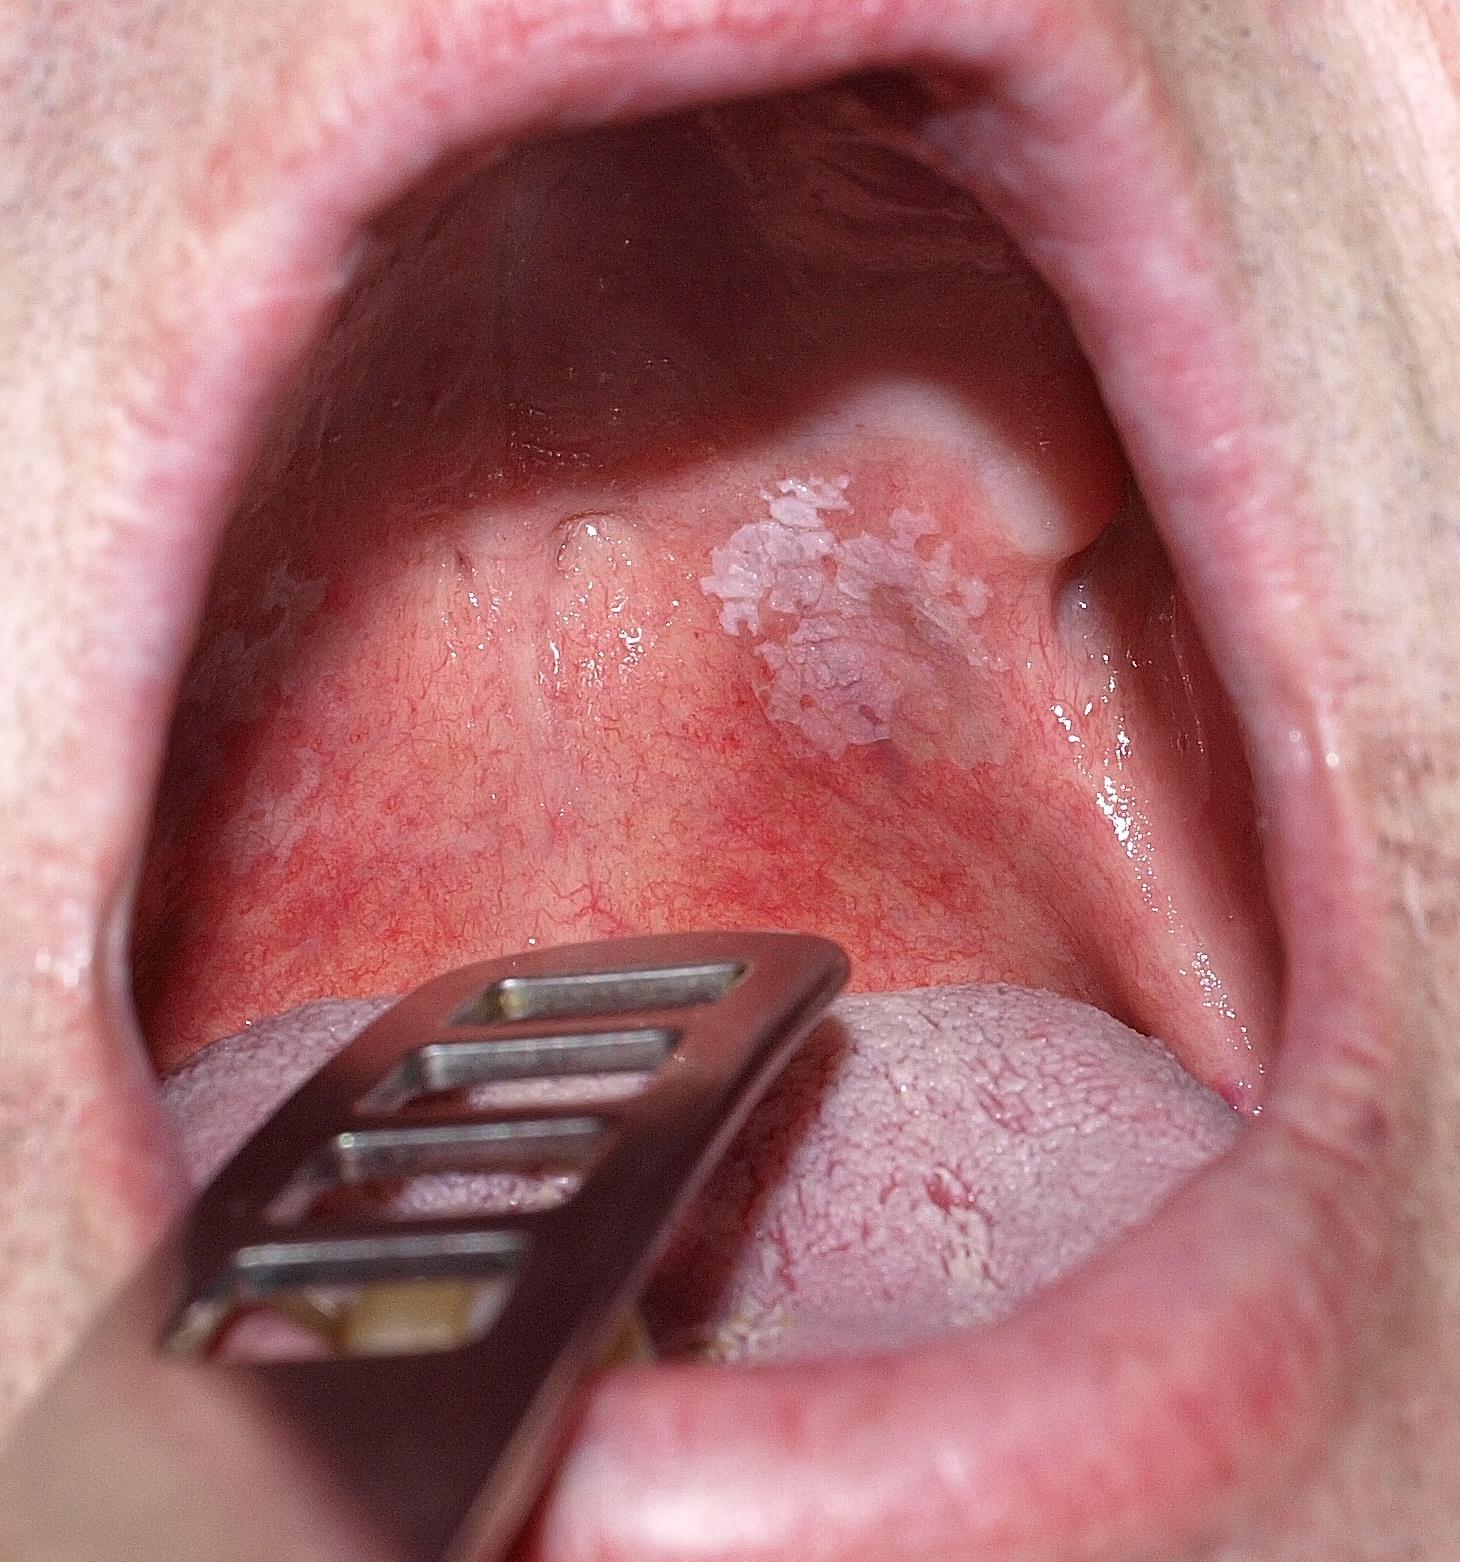 papilloma a szájban képek